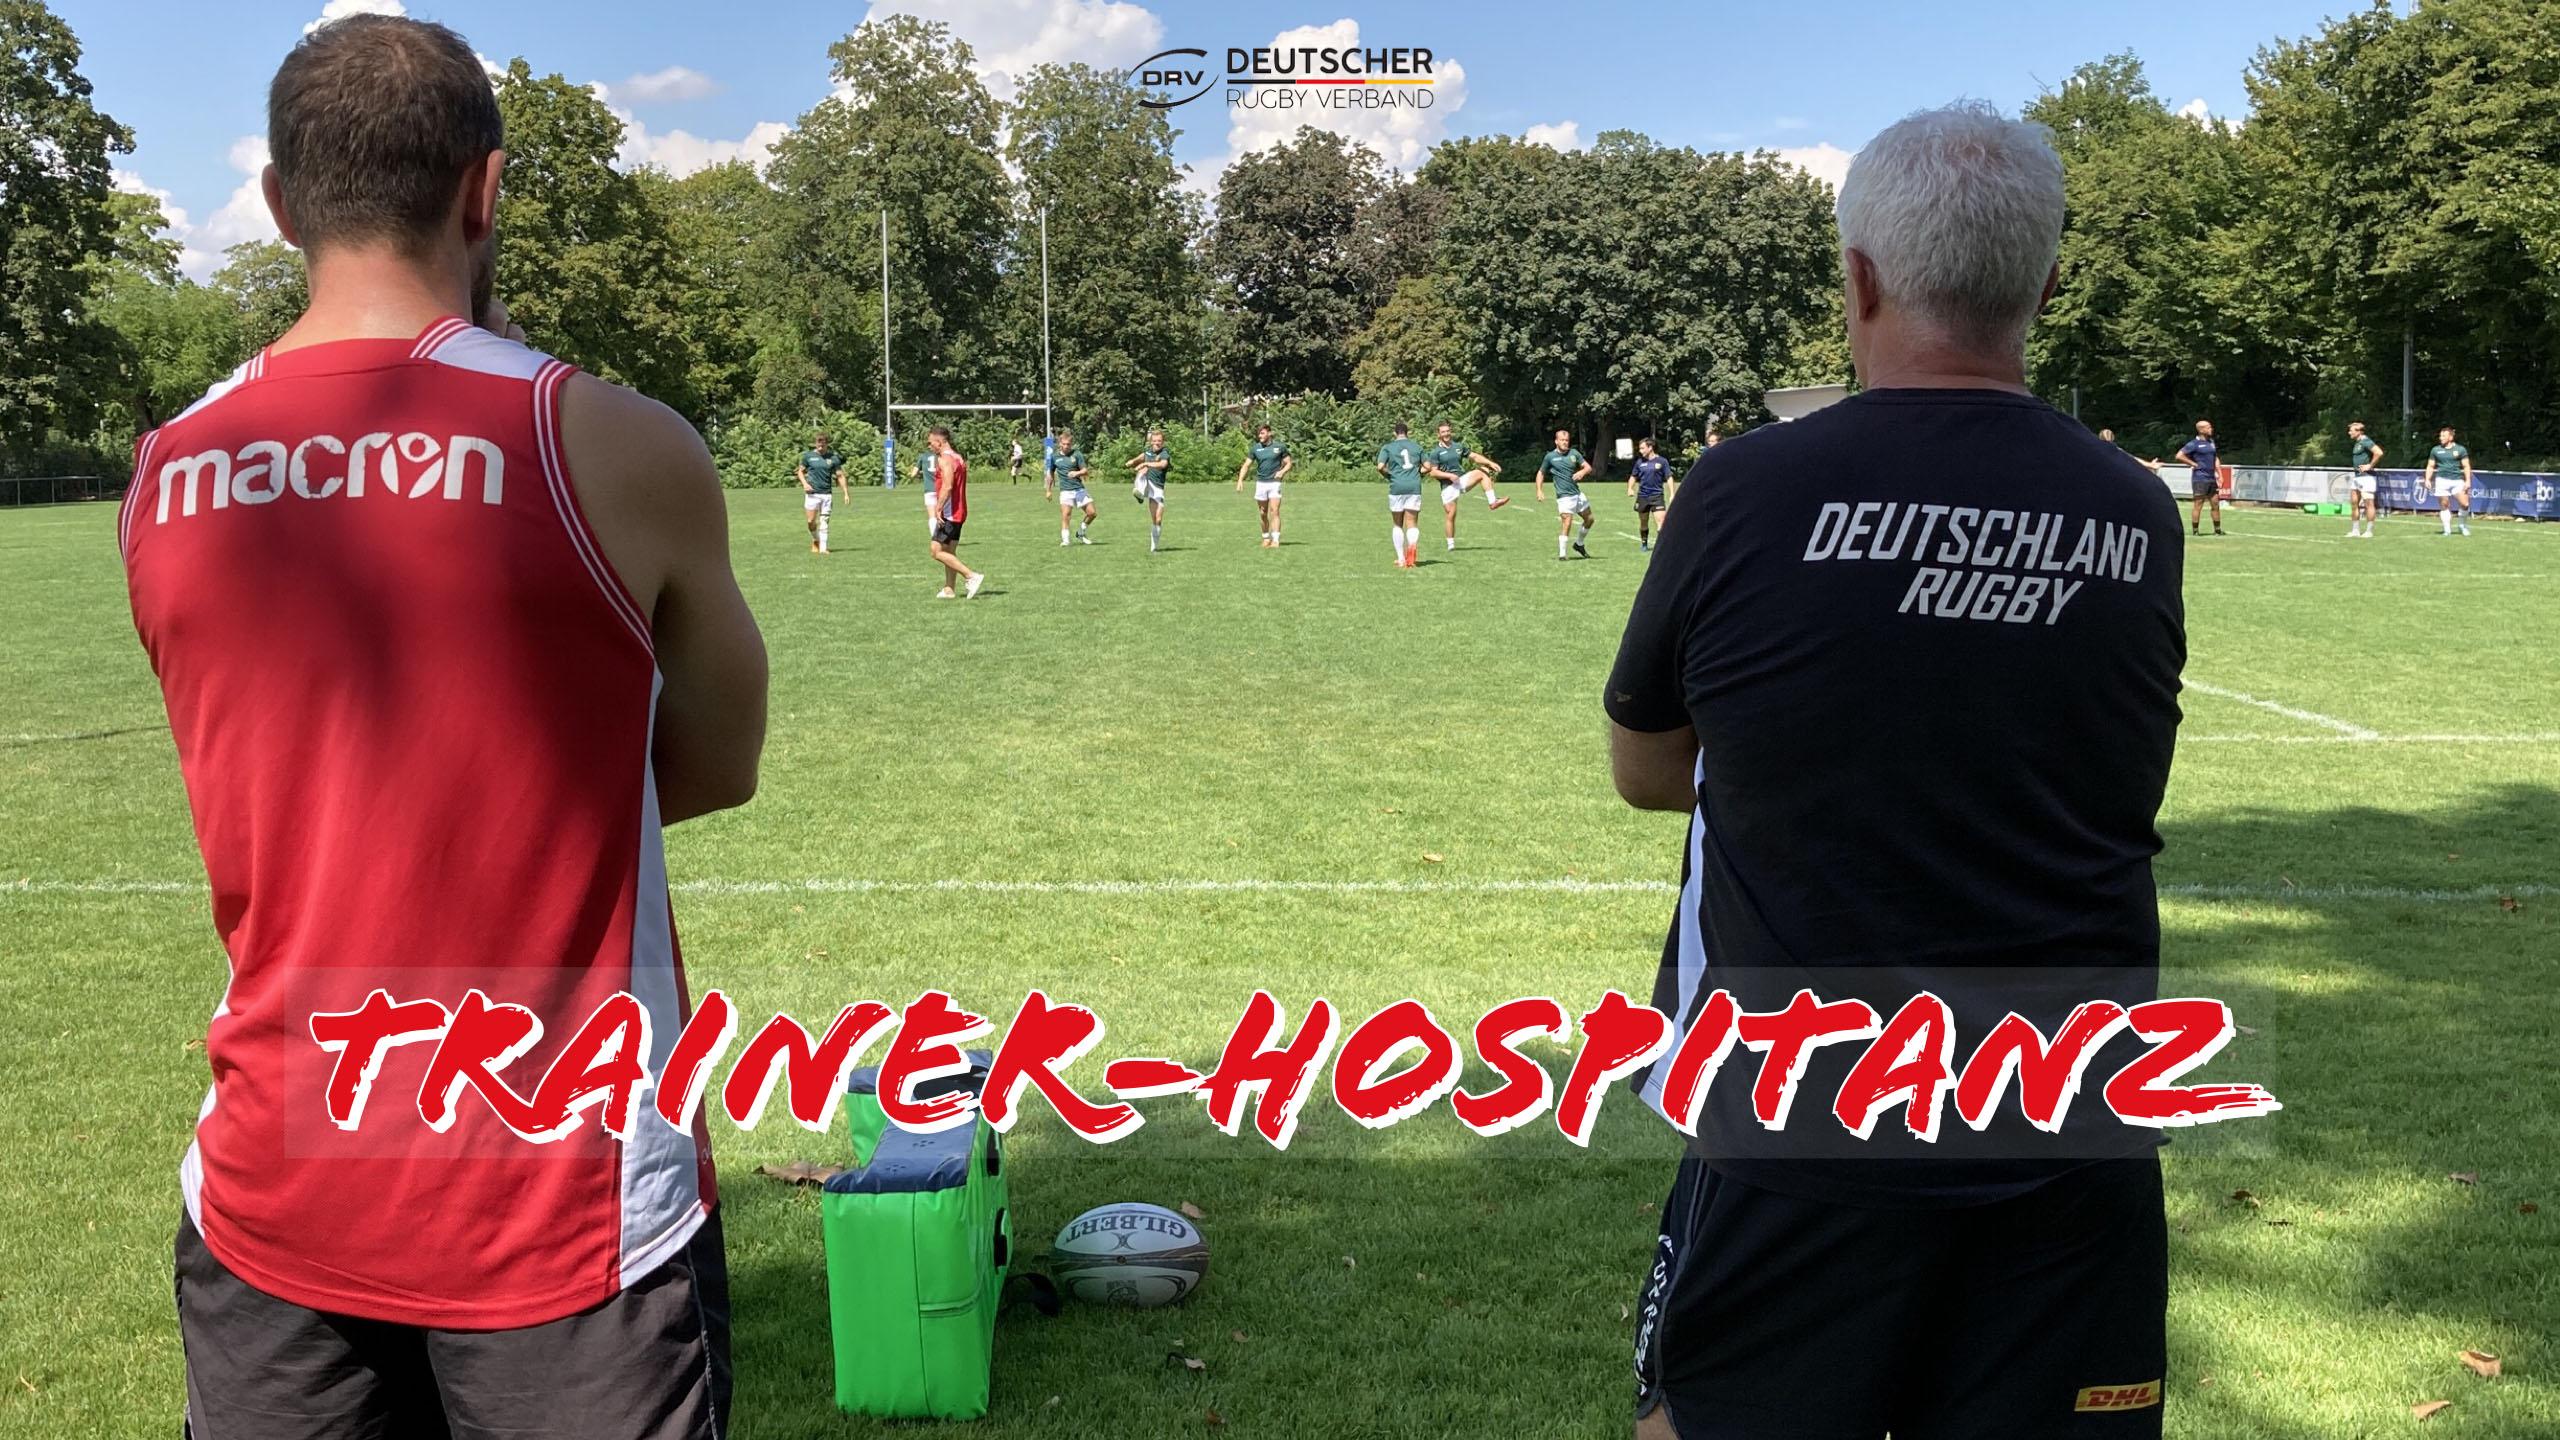 DRV bietet Möglichkeit einer Trainer-Hospitanz